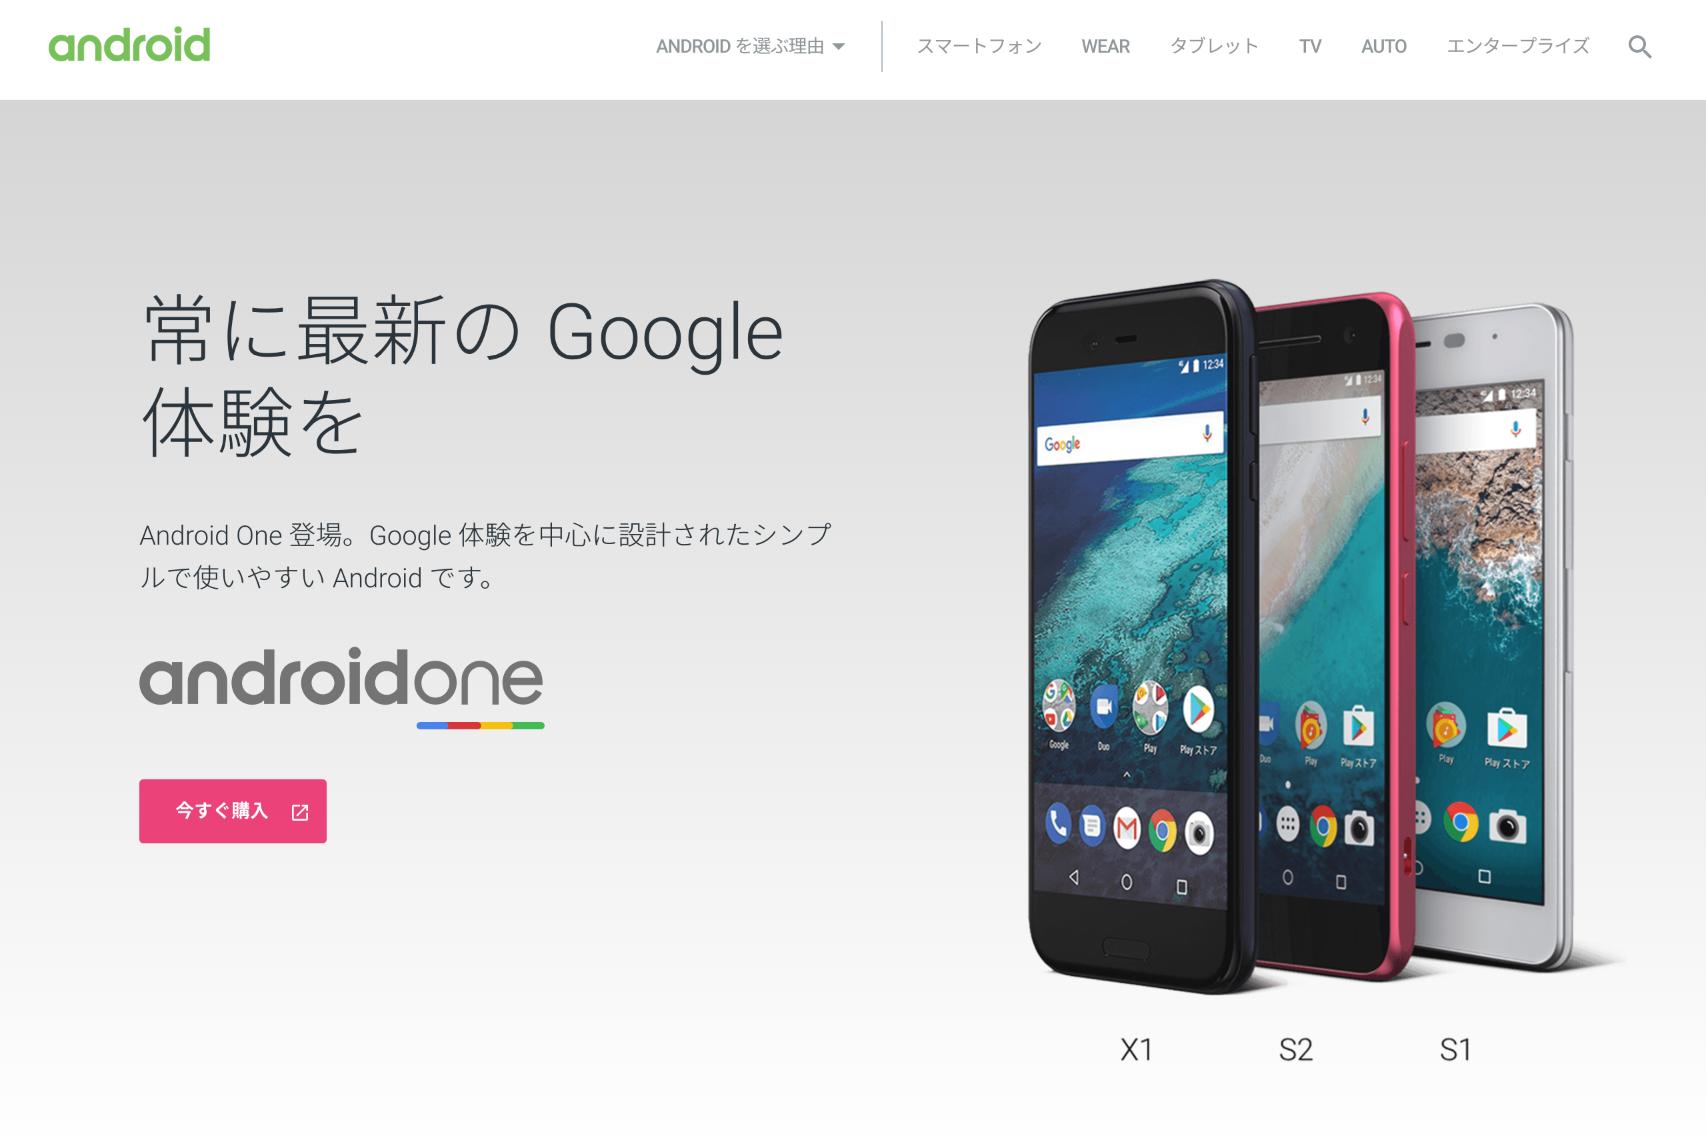 Android One: Google が常に最新のアップデートを提供